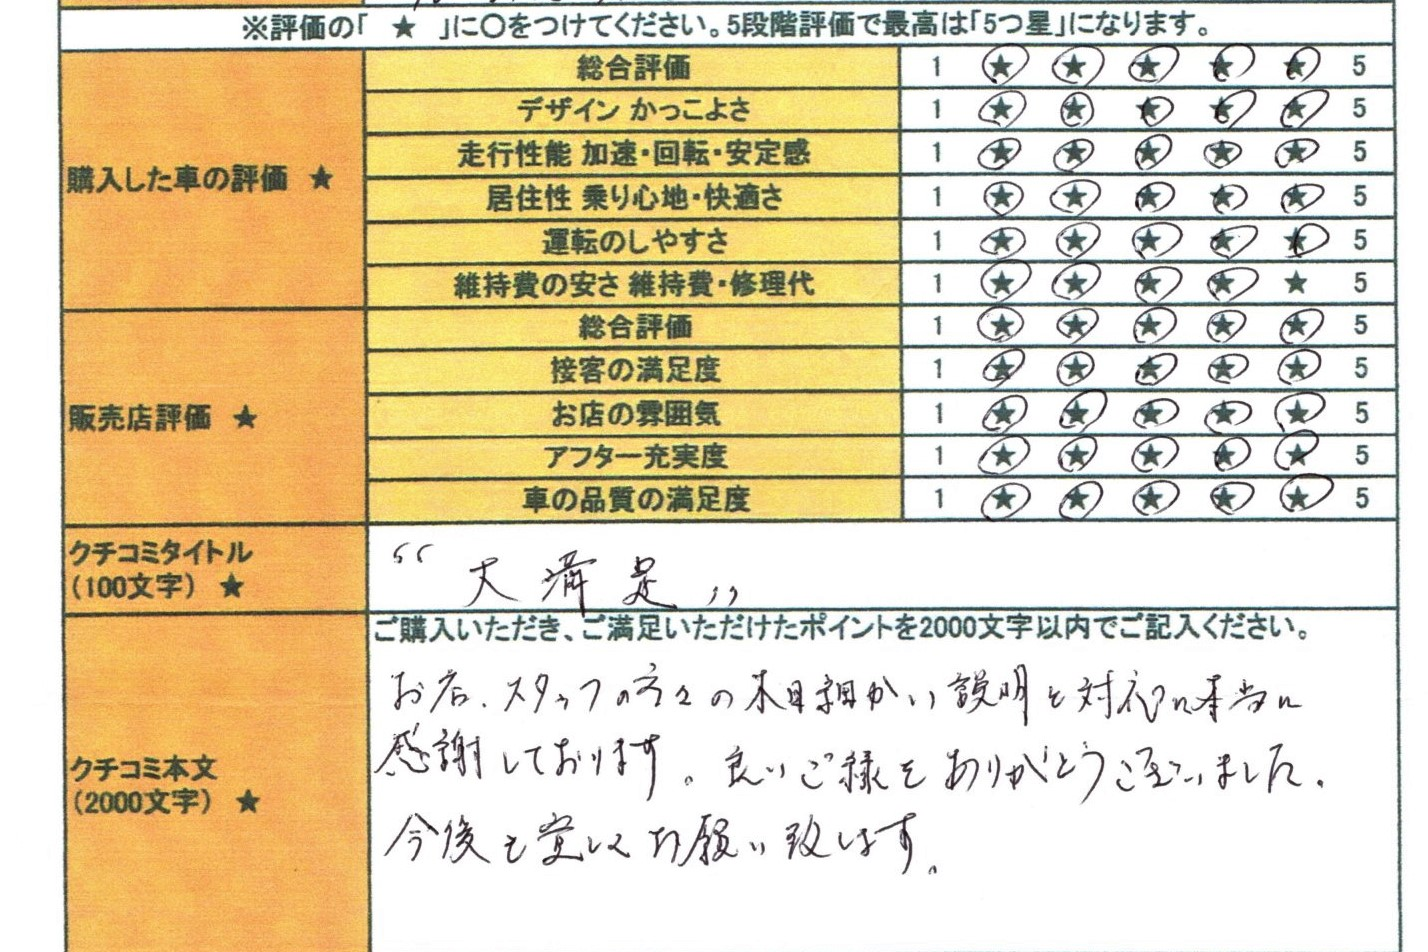 2014年式 メルセデス・ベンツ C200 アヴァンギャルド をご購入の東京都・S様よりクチコミ・ご感想を頂きました。